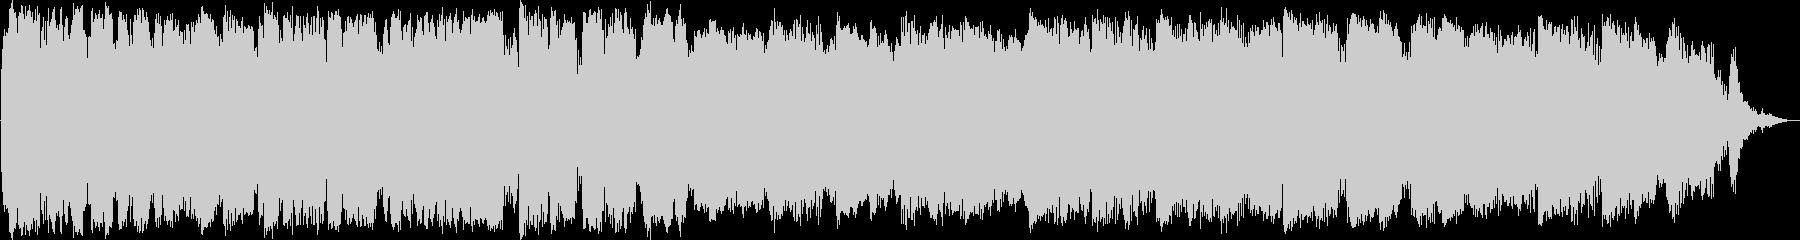 竹笛のアンビエントミュージックの未再生の波形